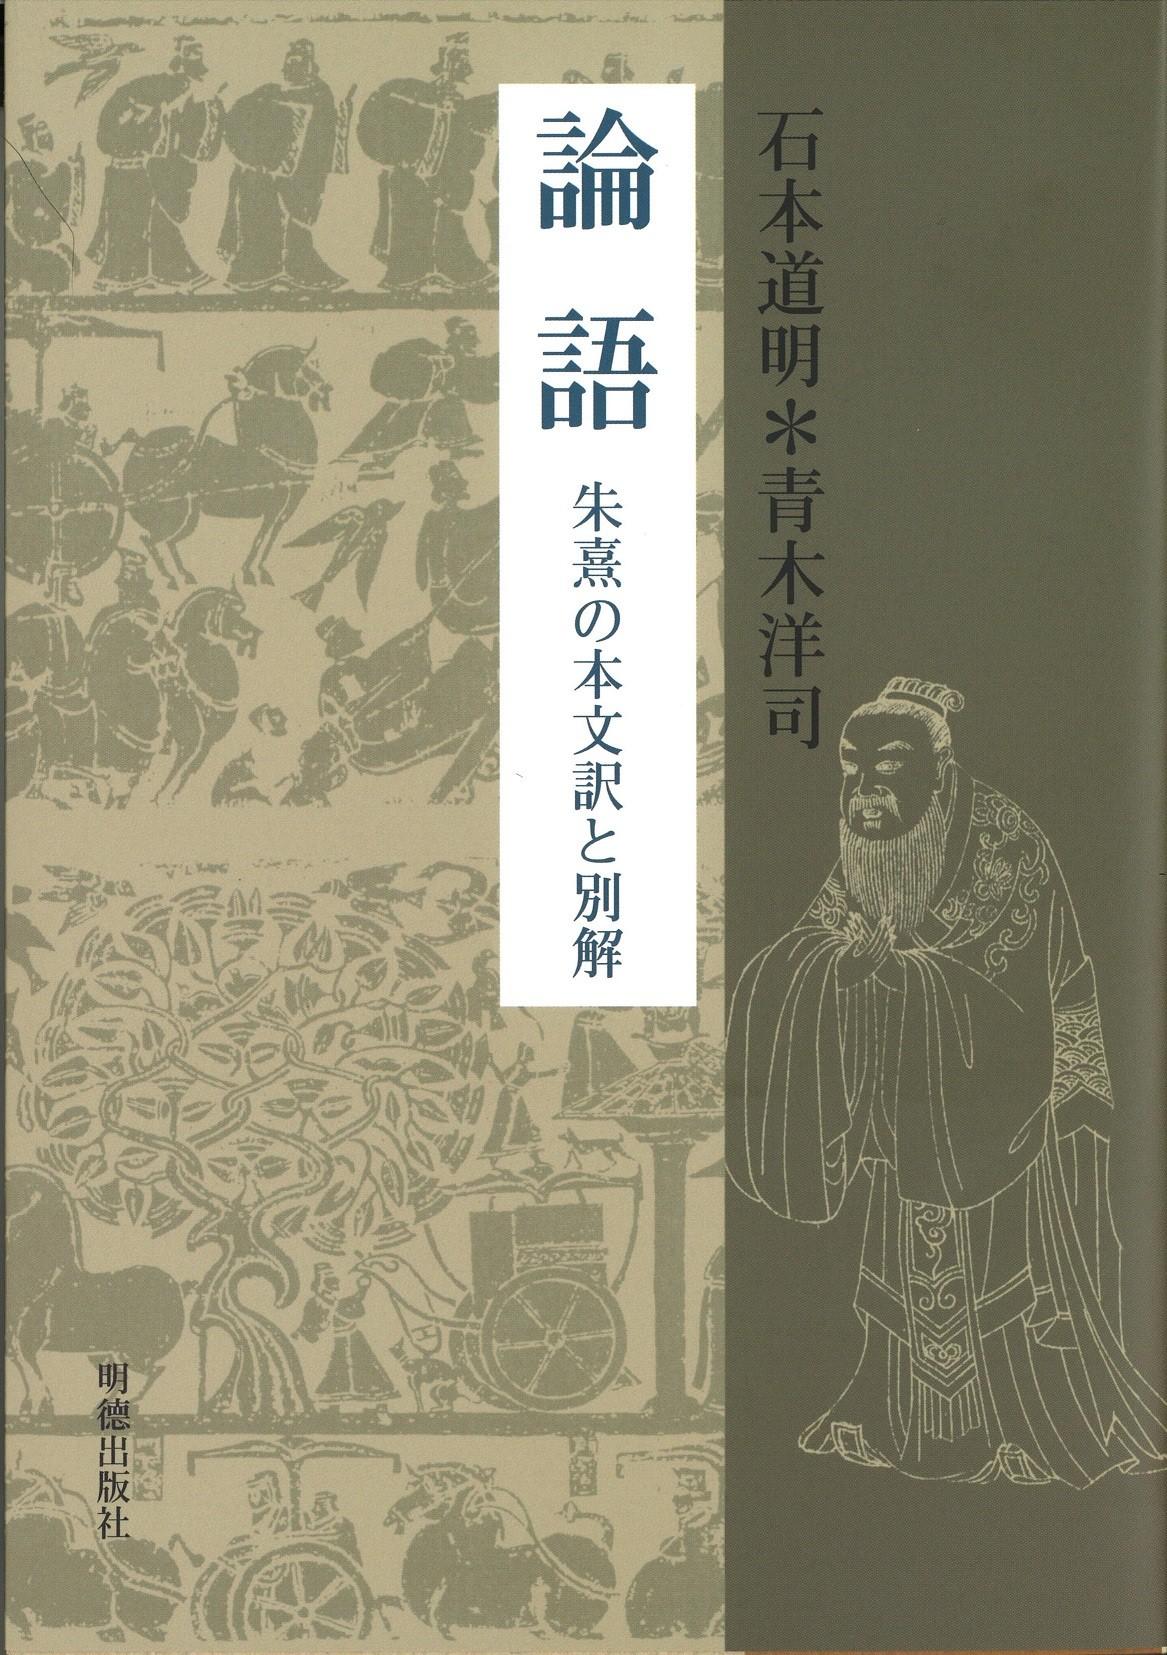 論語 朱熹の本文訳と別解 818